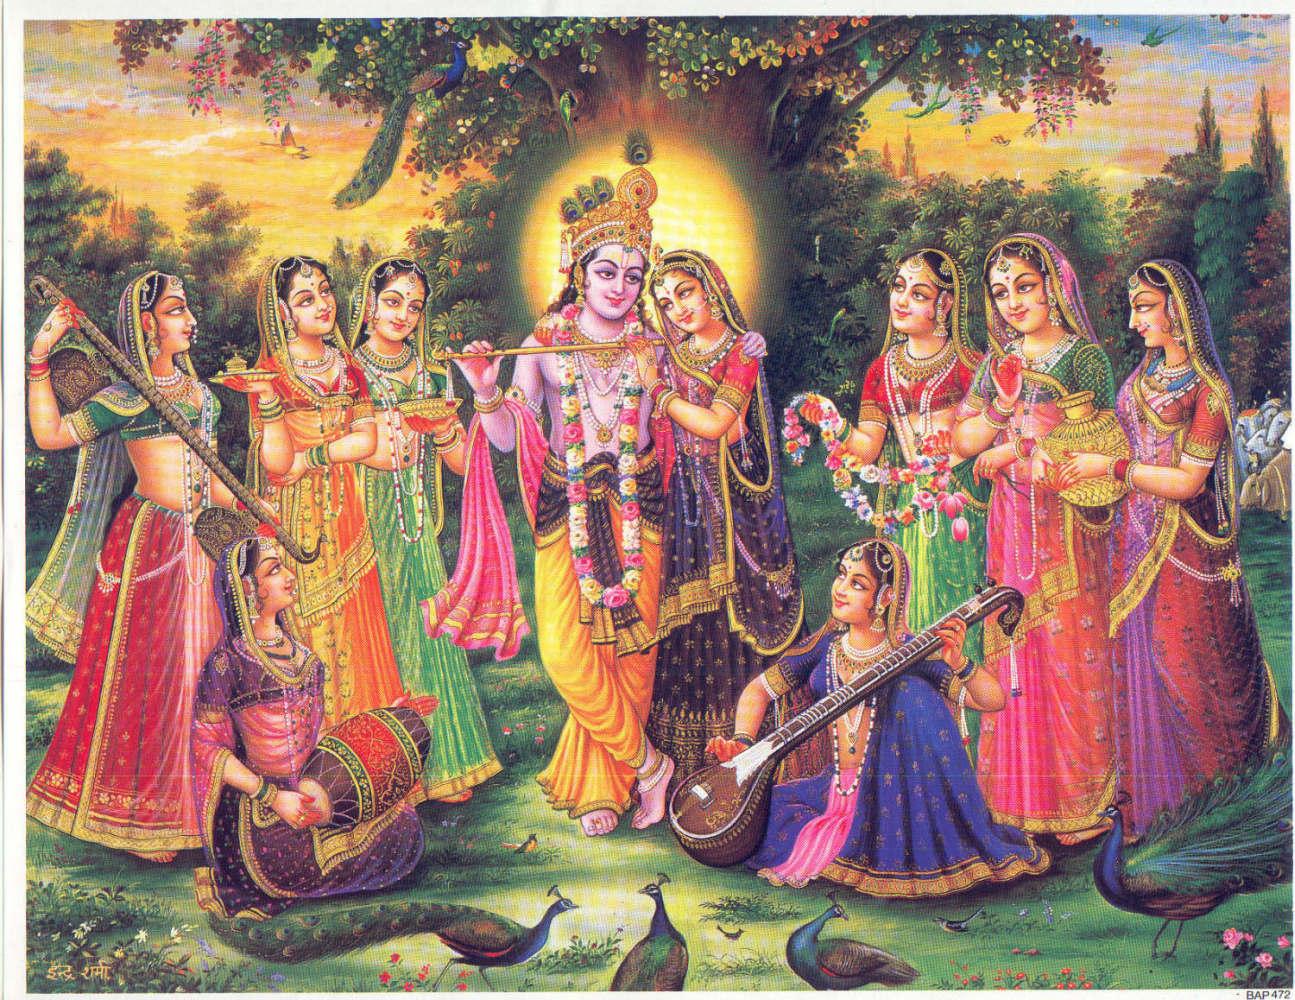 http://1.bp.blogspot.com/_2QHcx0puPFg/Sw5xhGj4SOI/AAAAAAAAGwA/1y1Ce9UQ8Vg/s1600/lord-krishna57.jpg